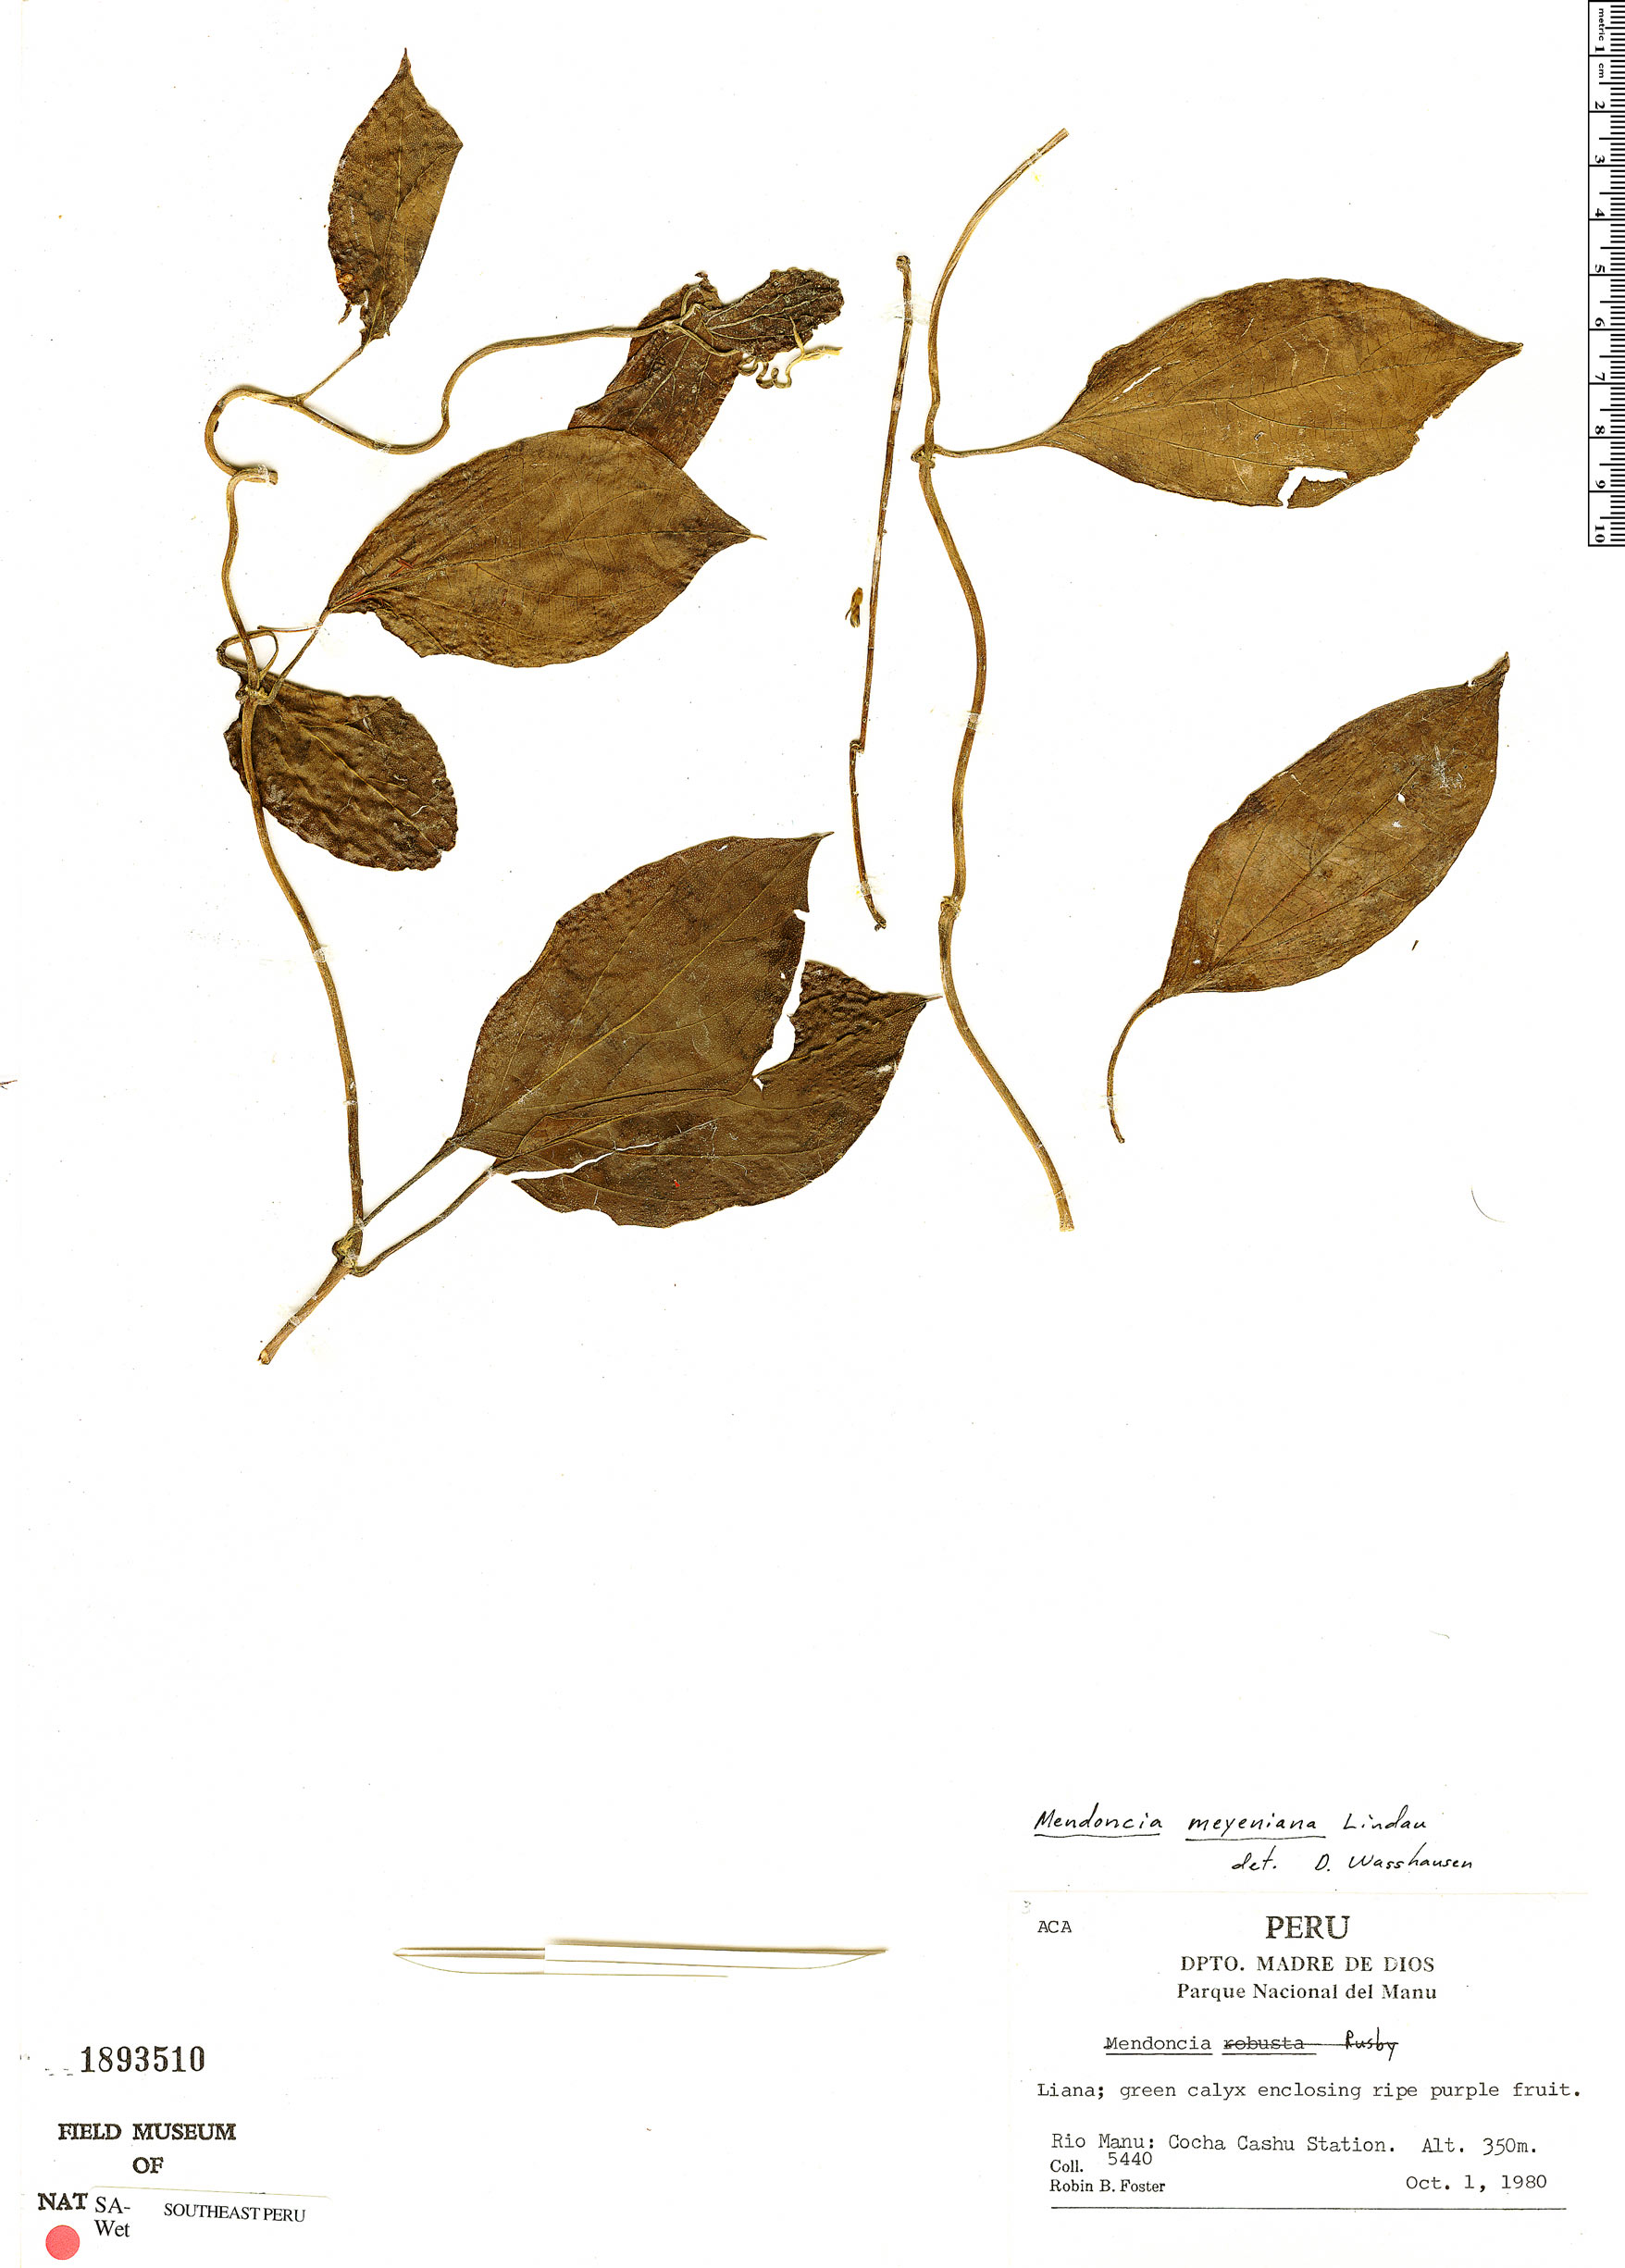 Espécime: Mendoncia meyeniana